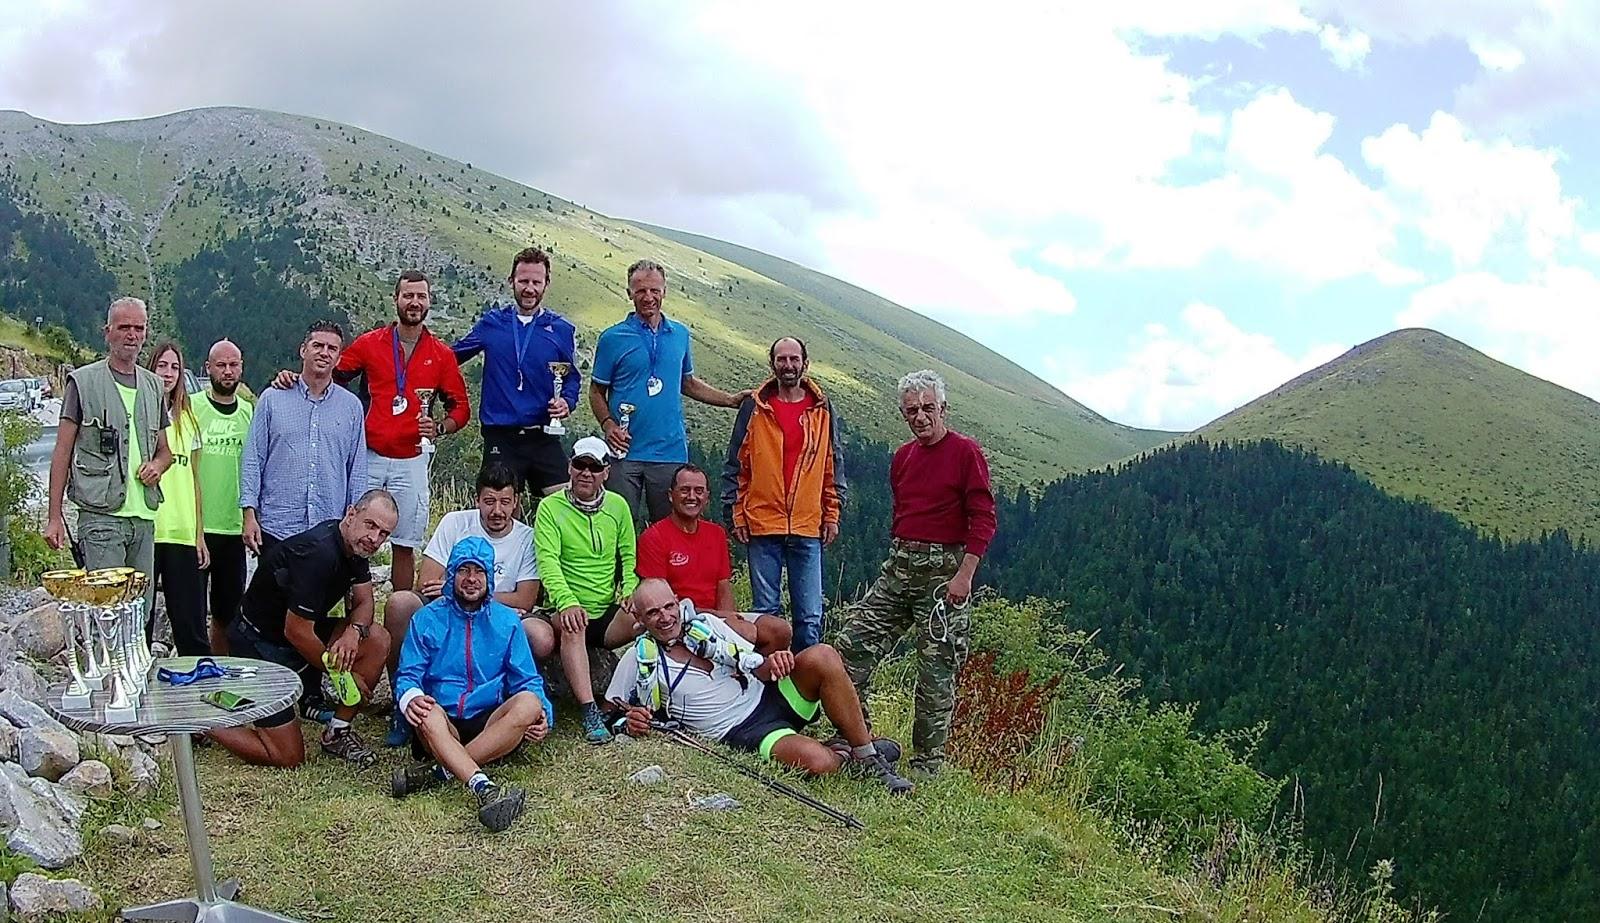 Με επιτυχία ο Ορειβατικός αγώνας Ολύμπου ΖΕΥΣ (ΦΩΤΟ)